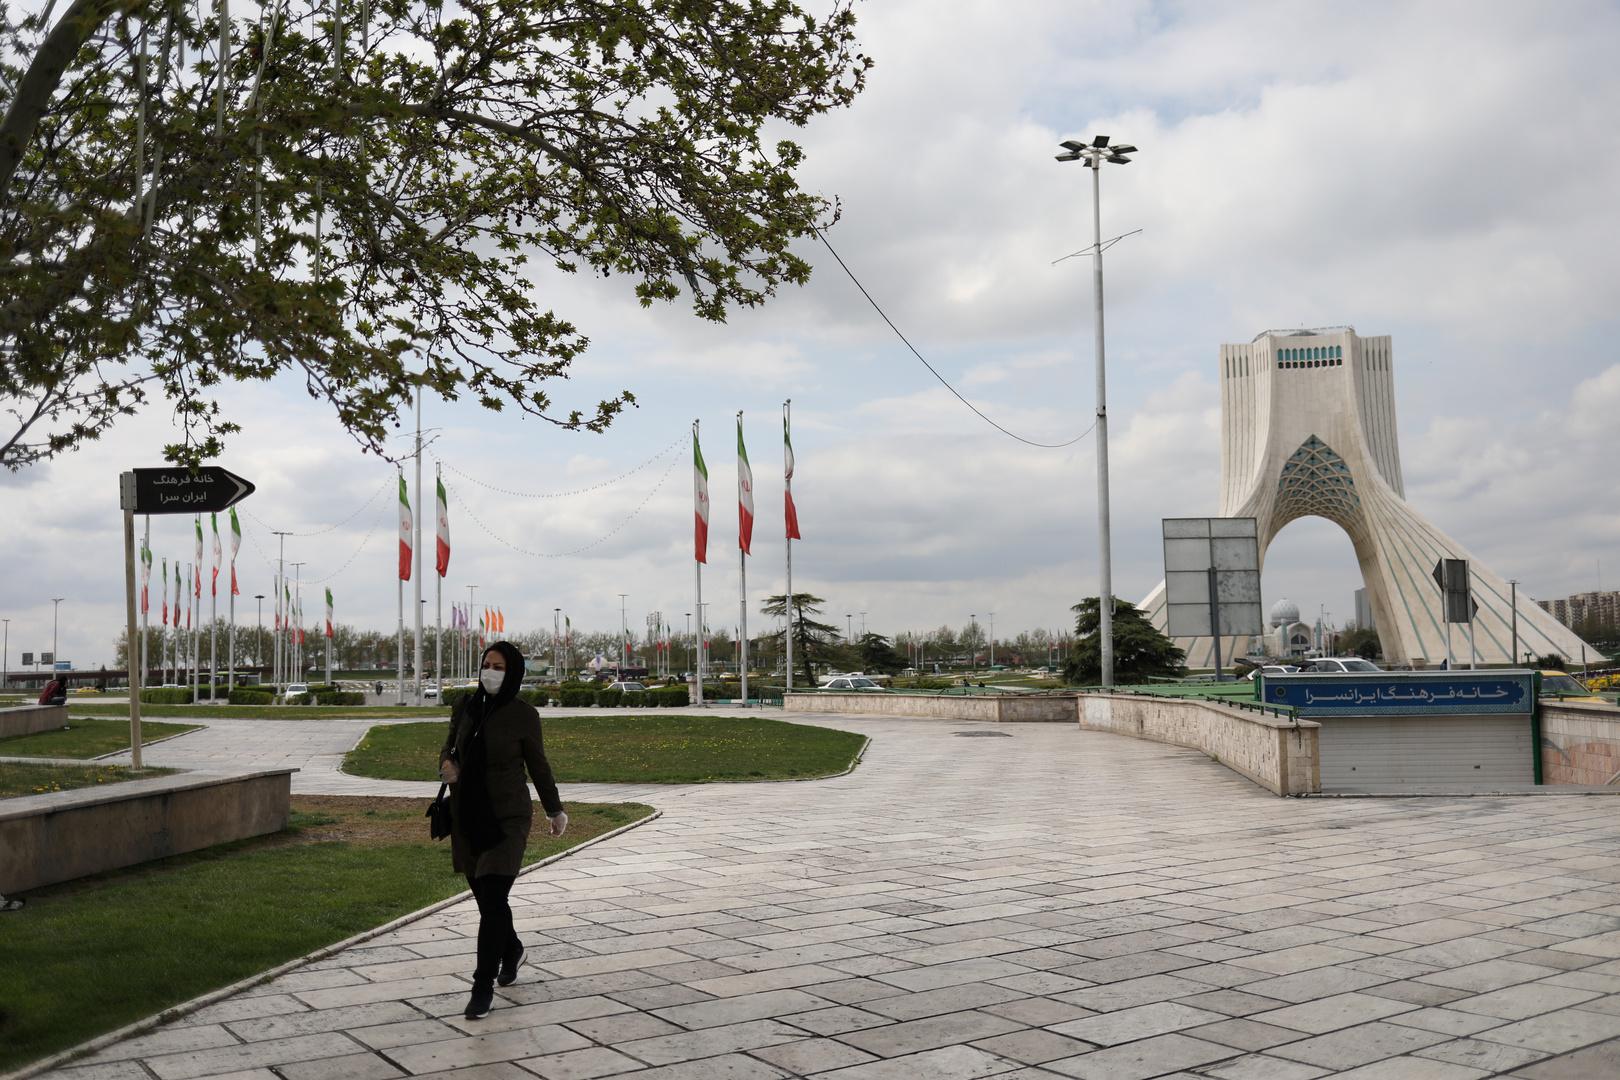 إيران تسجن ناشطين مزدوجي الجنسية لمدة 10 سنوات باتهامات أمنية